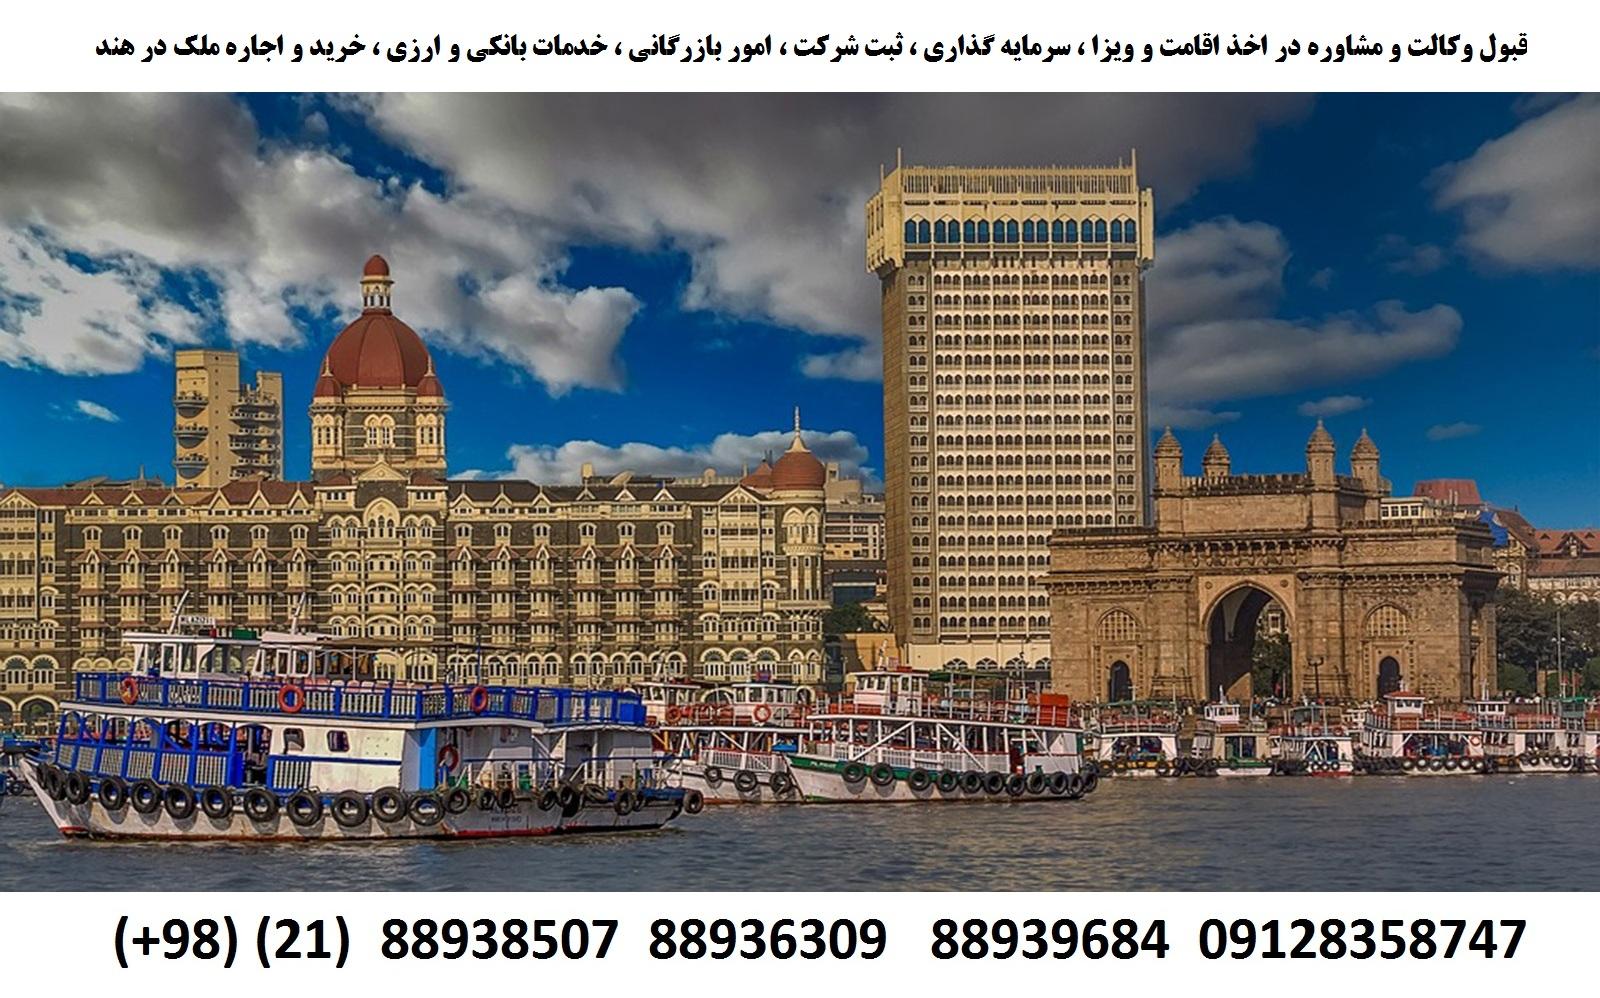 اقامت ، ویزا ،سرمایه گذاری ، ثبت شرکت در هند (2)